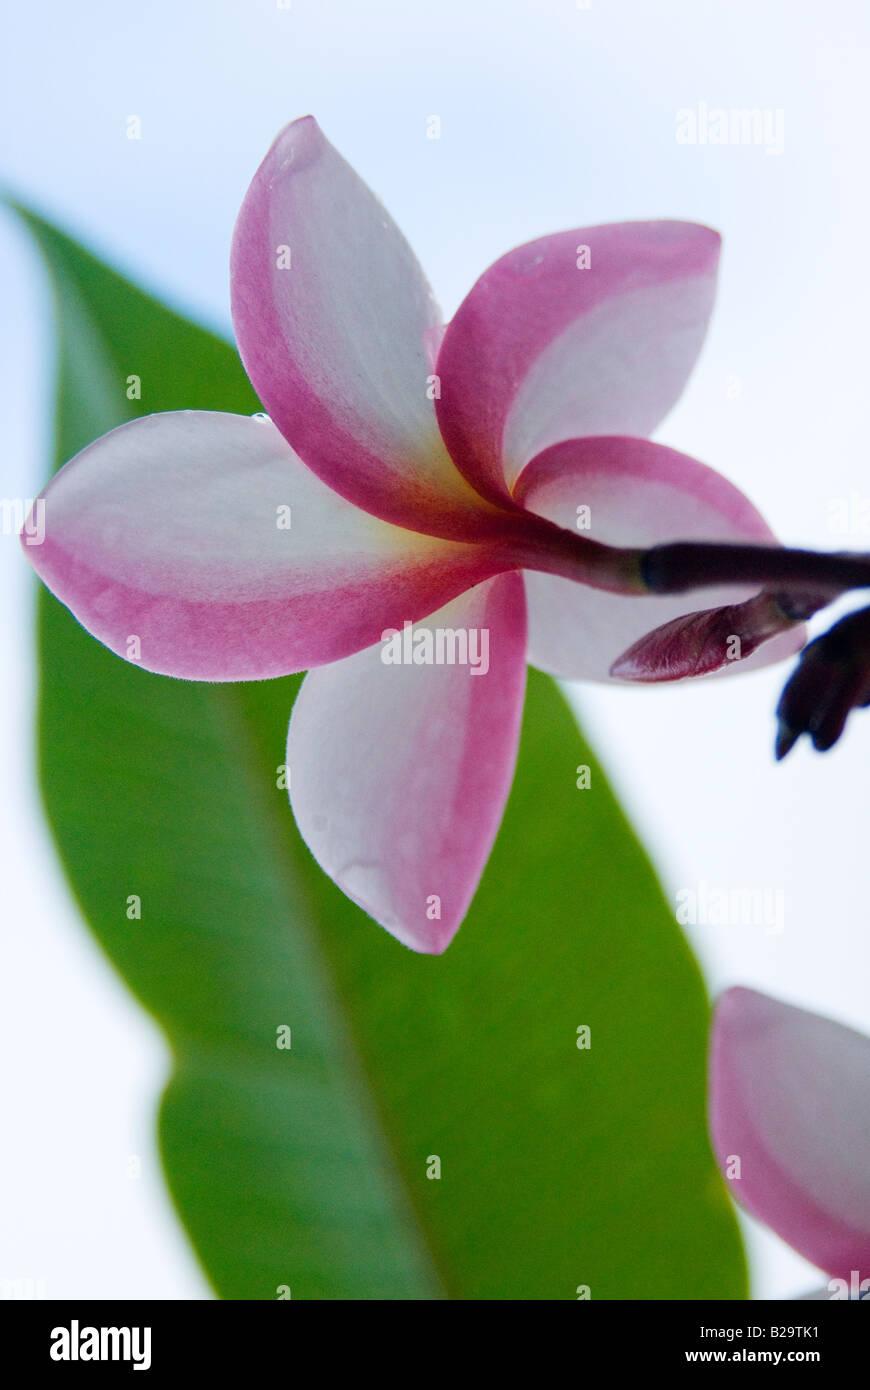 Macro Shot Of Plumeria Common Name Frangipani The Plumeria Flower Is